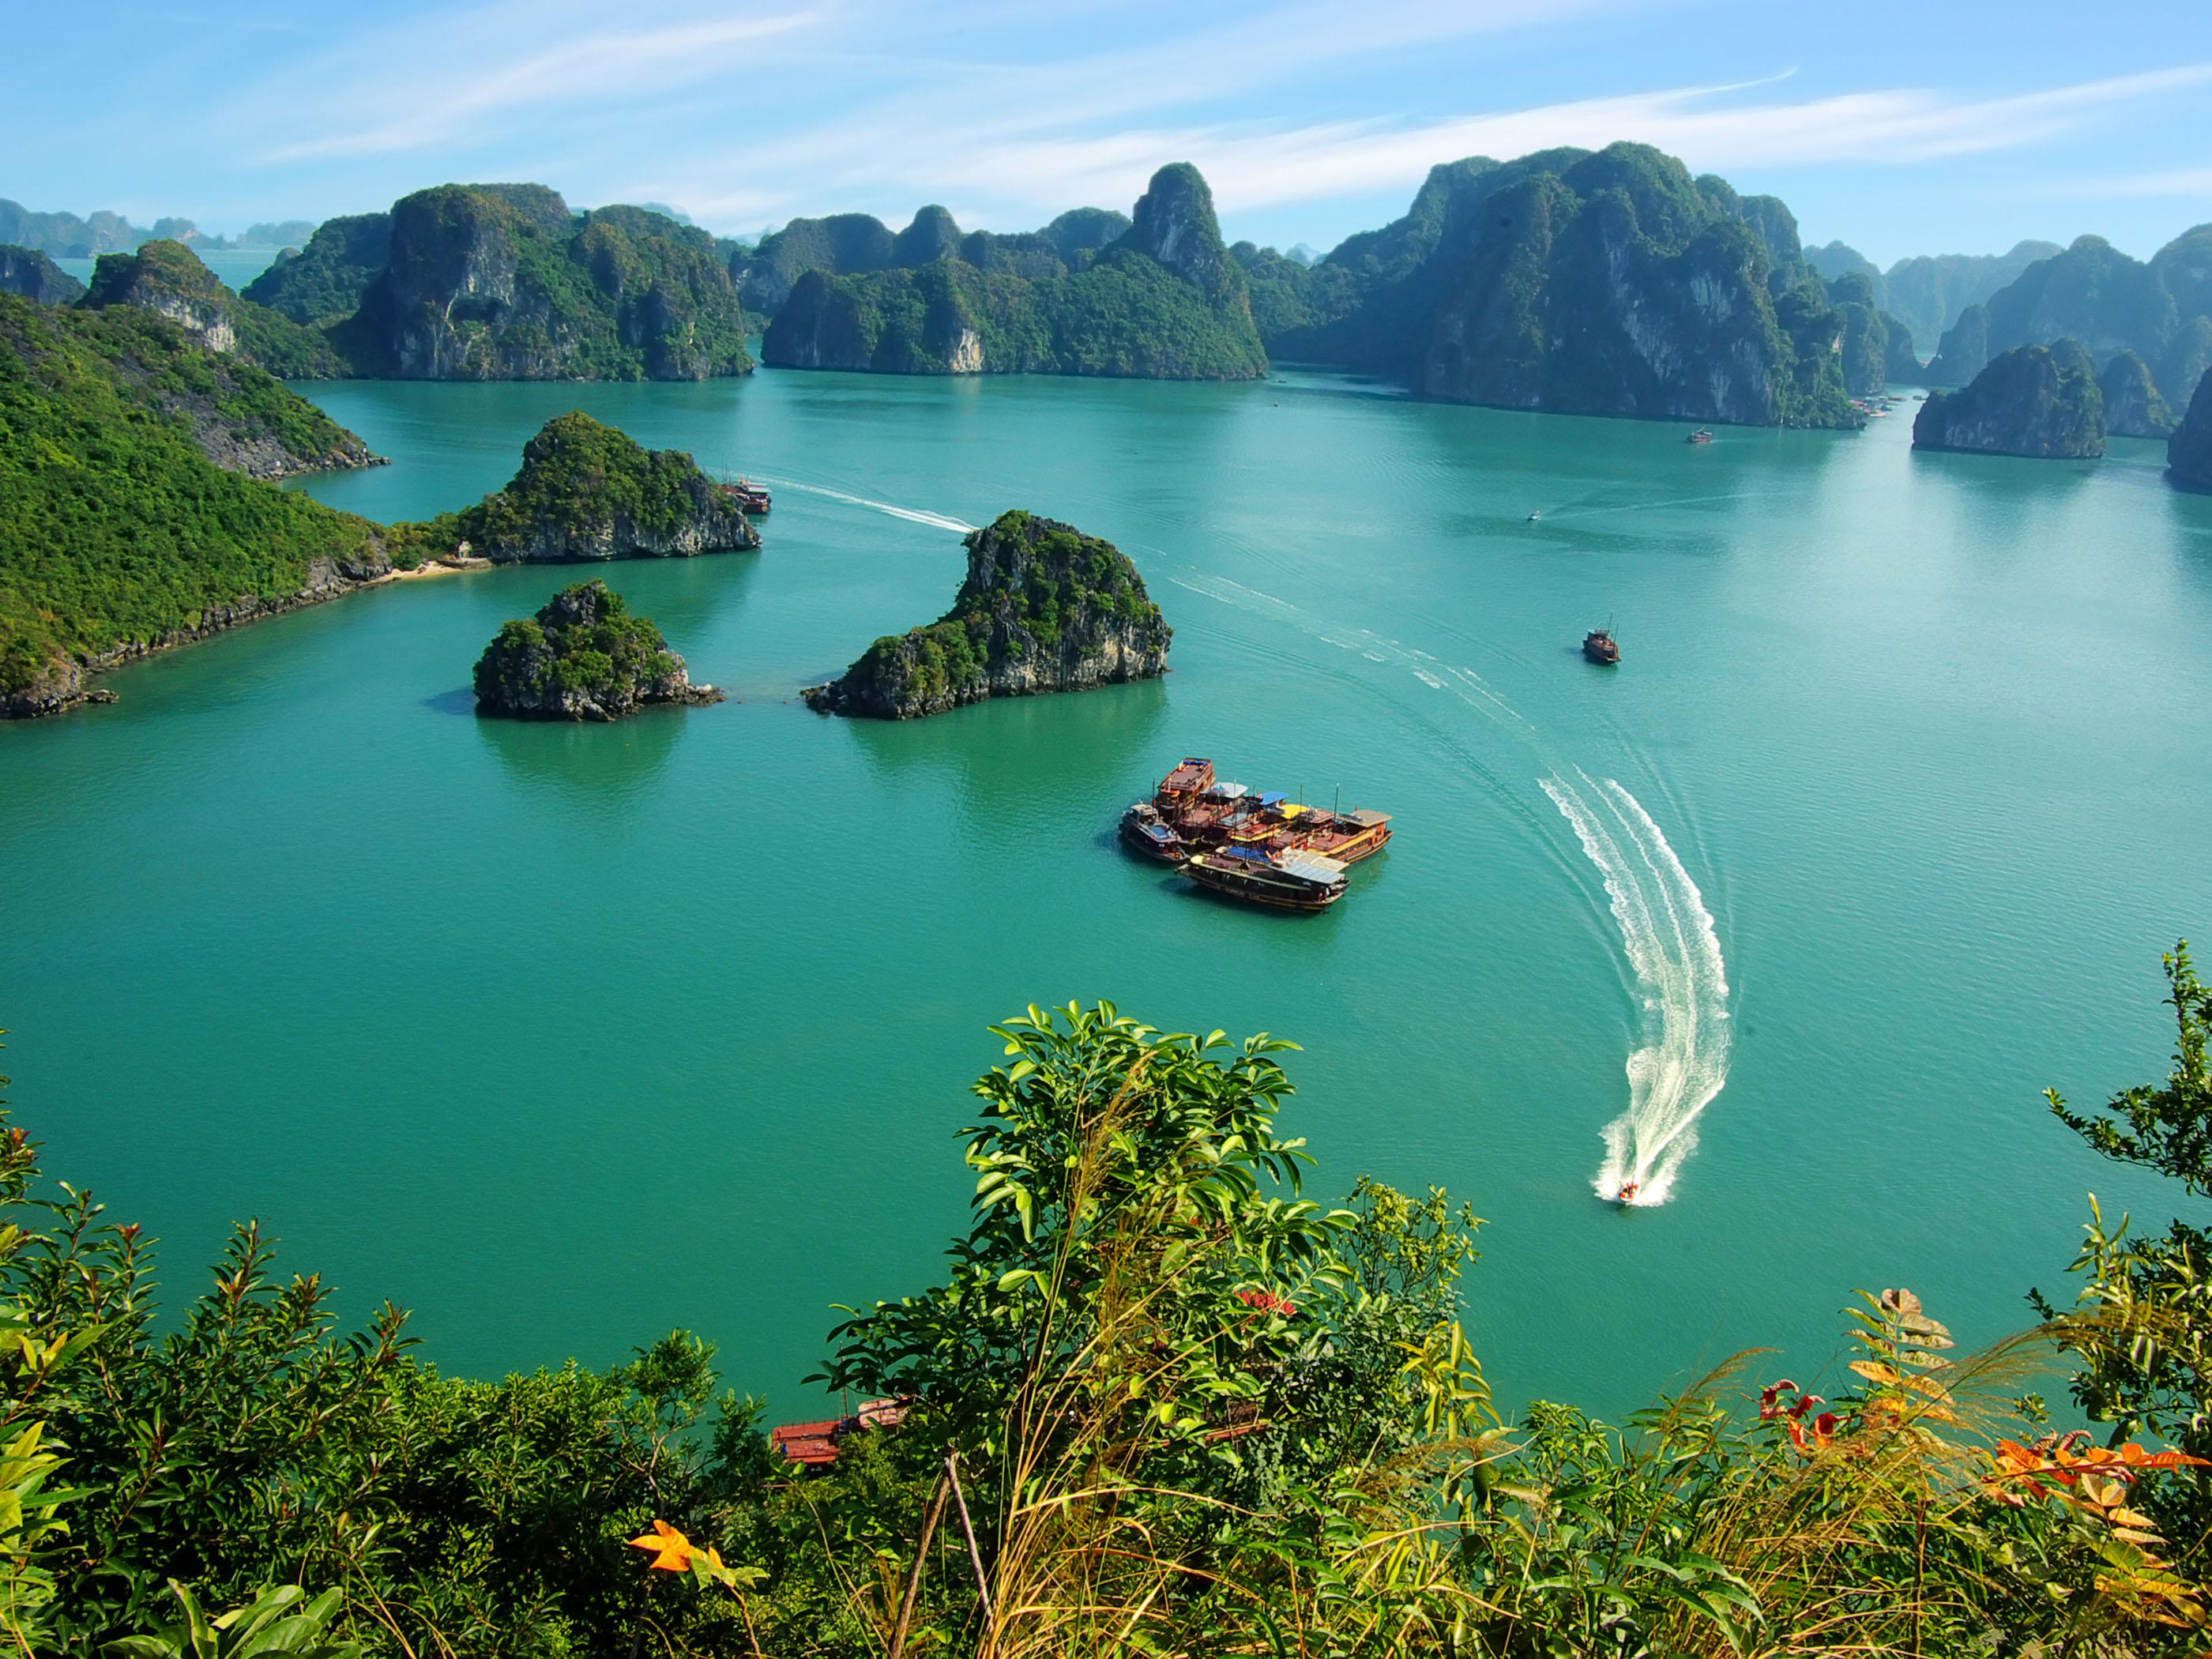 Vịnh Hạ Long được công nhận là kỳ quan thiên nhiên thế giới mới thu hút rất nhiều khách du lịch nước ngoài đến tham quan